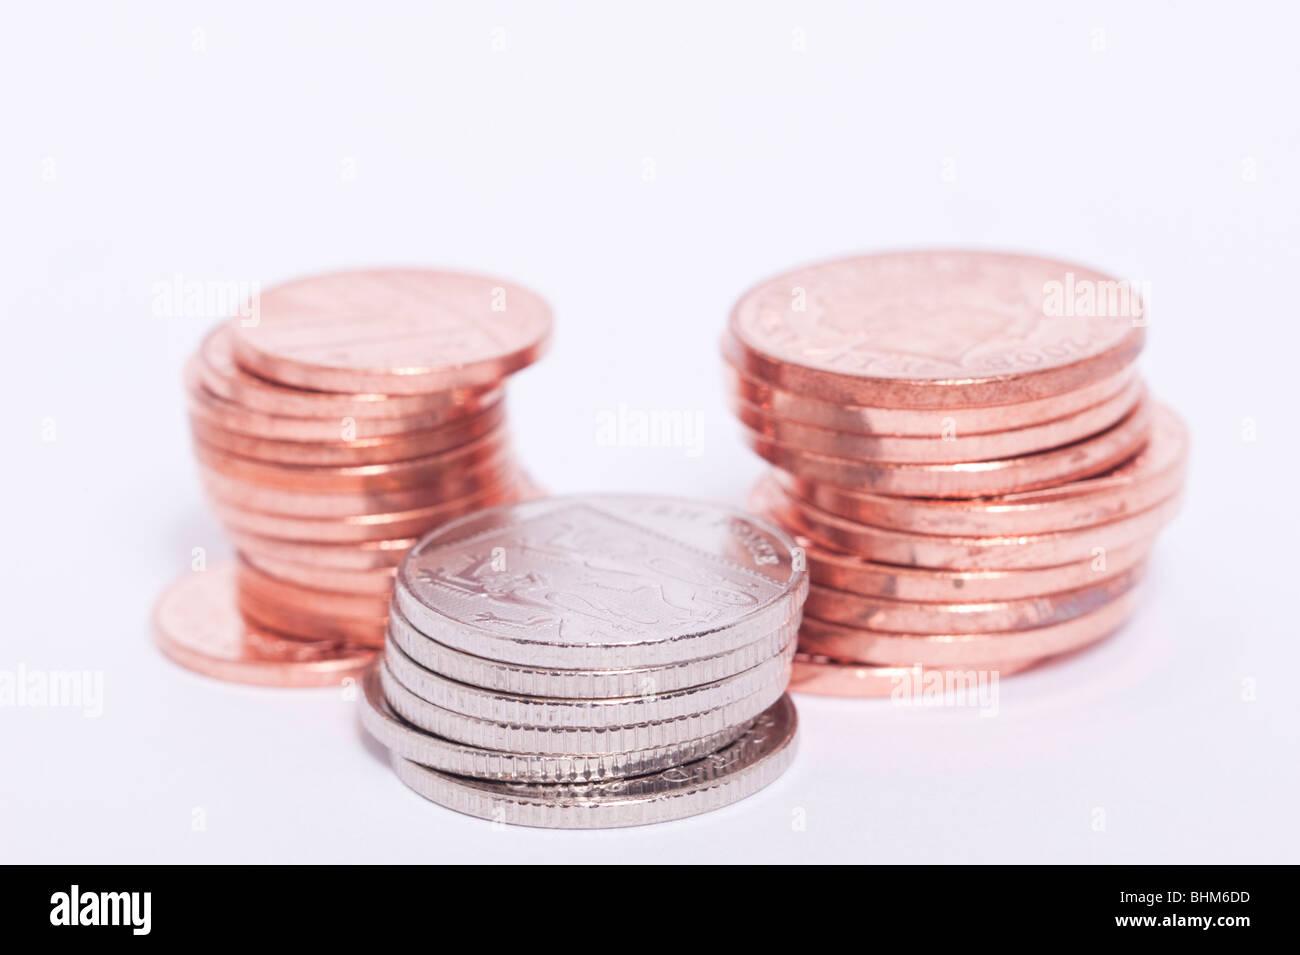 Eine Auswahl an britischen Münzen (Kupferplatten & Silber) auf weißem Hintergrund Stockbild